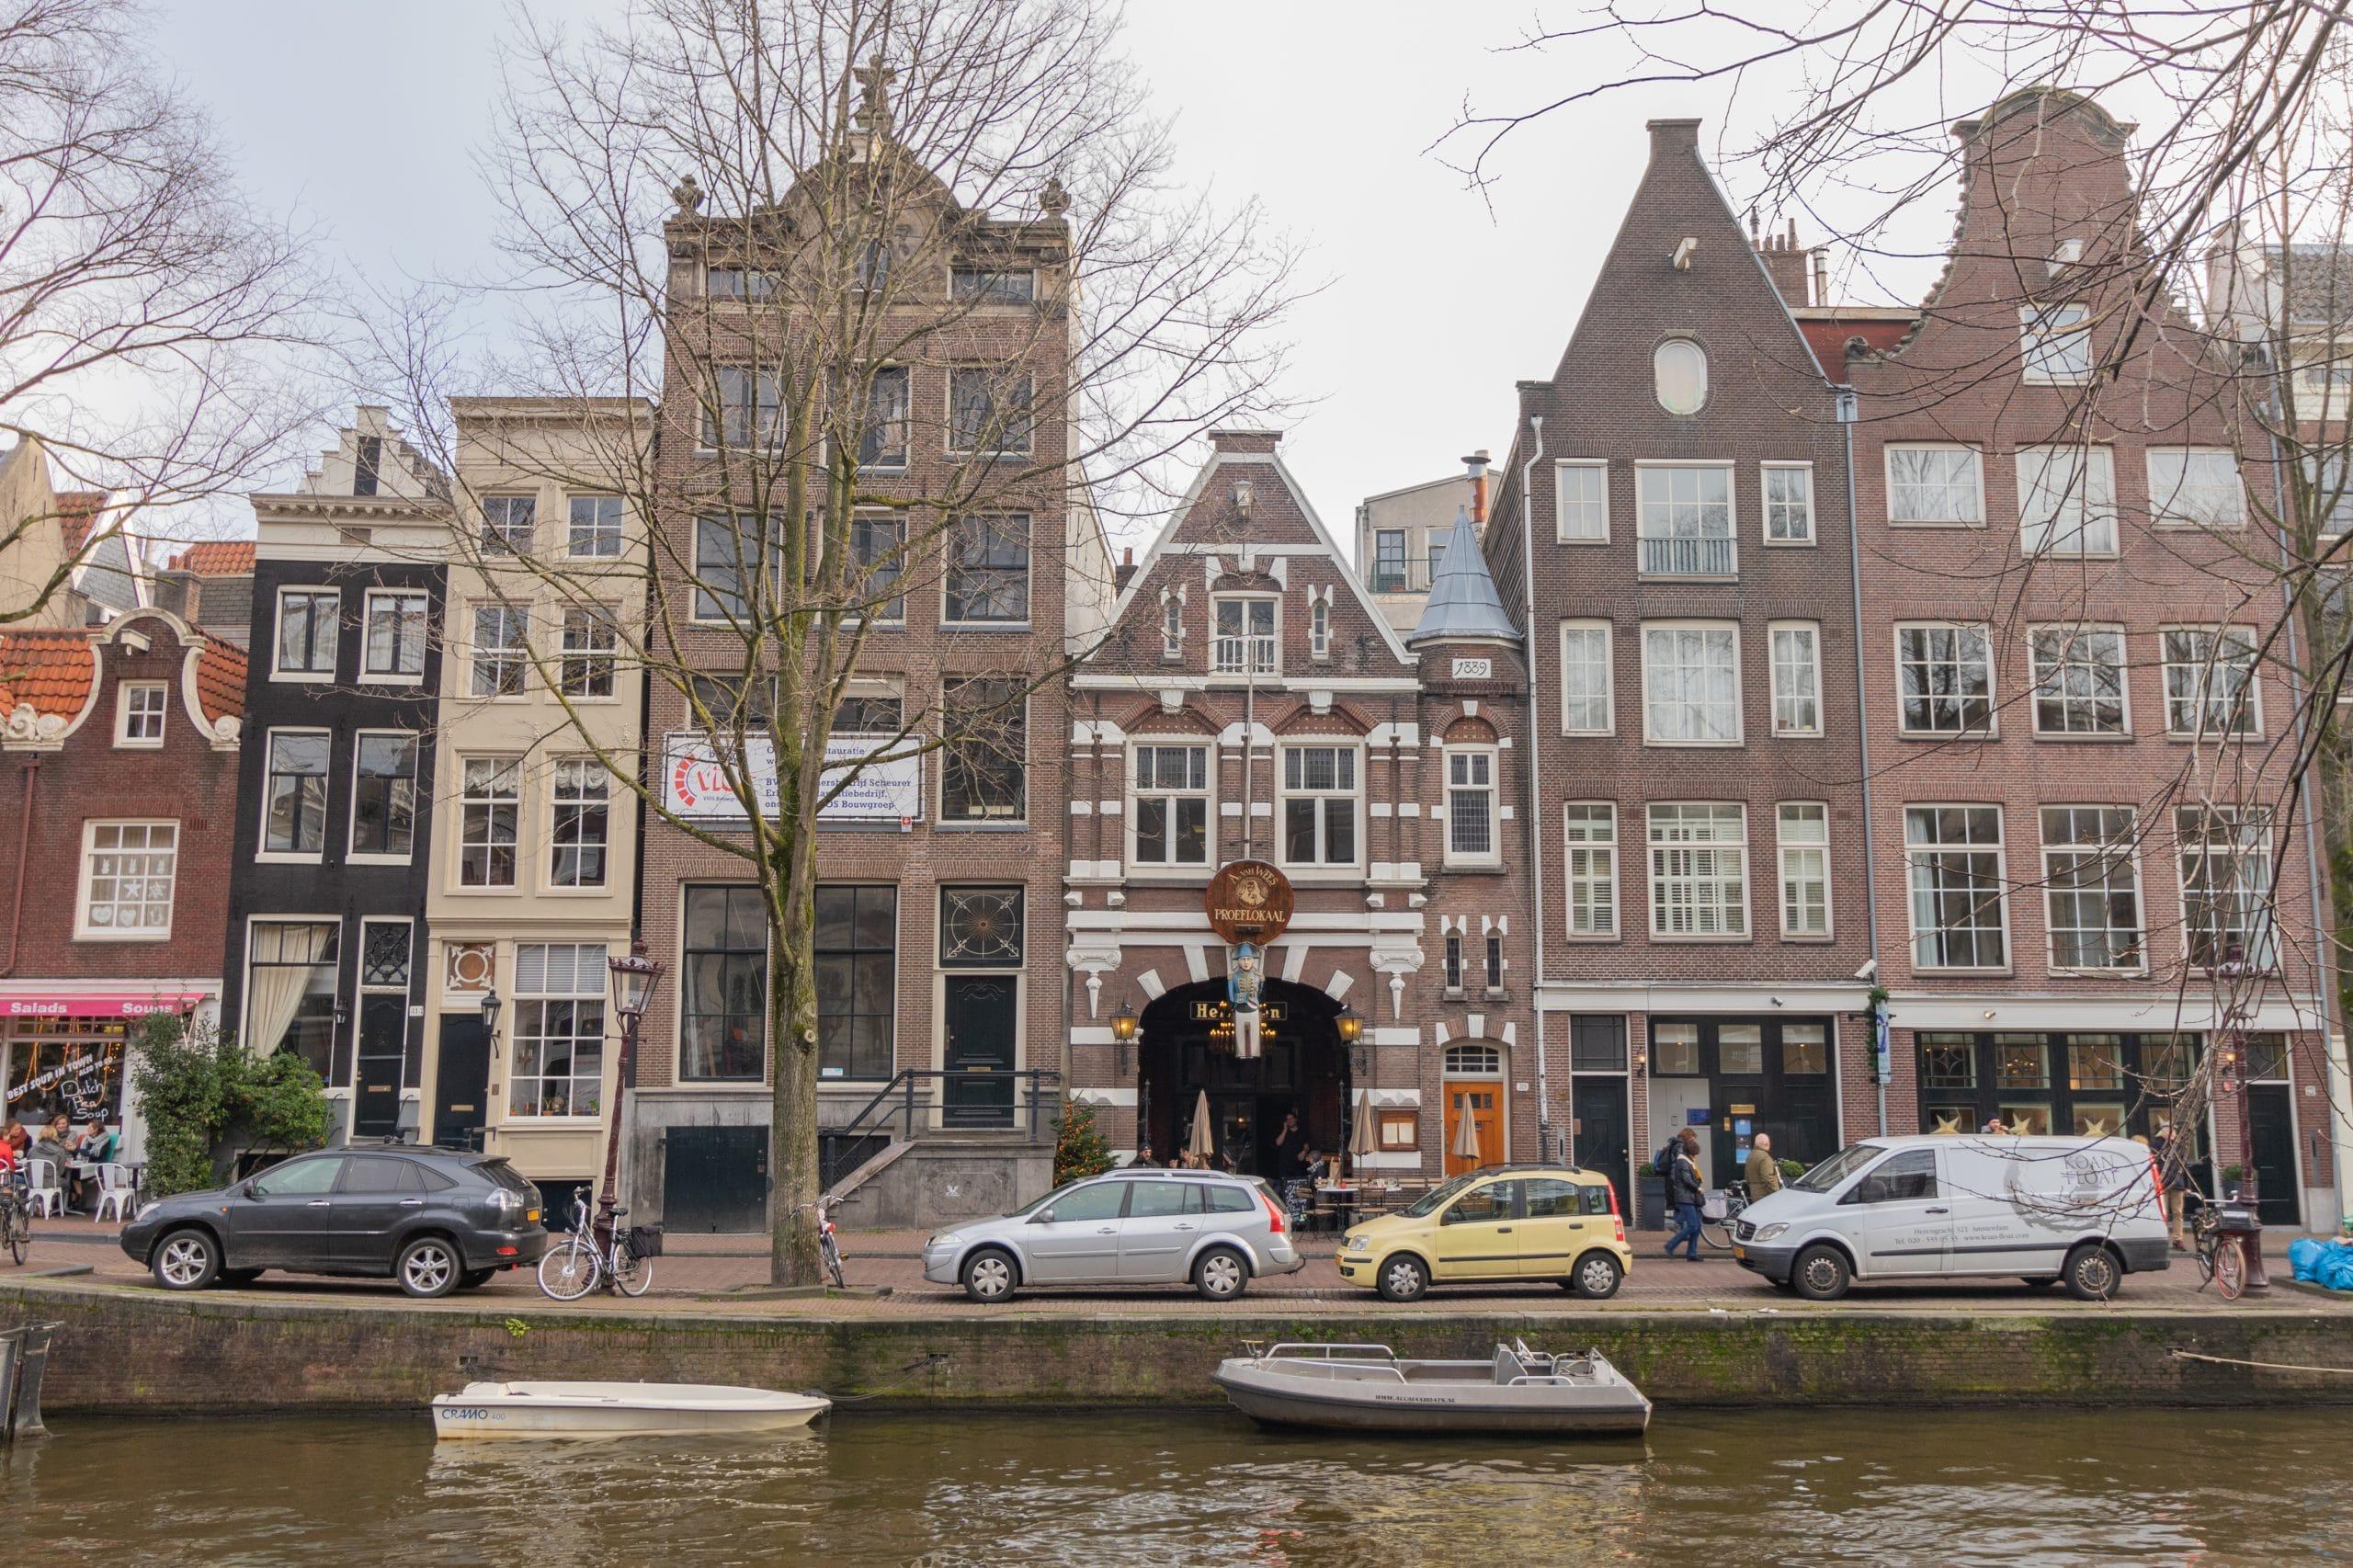 Amsterdam-20181231-5N6A0338_1